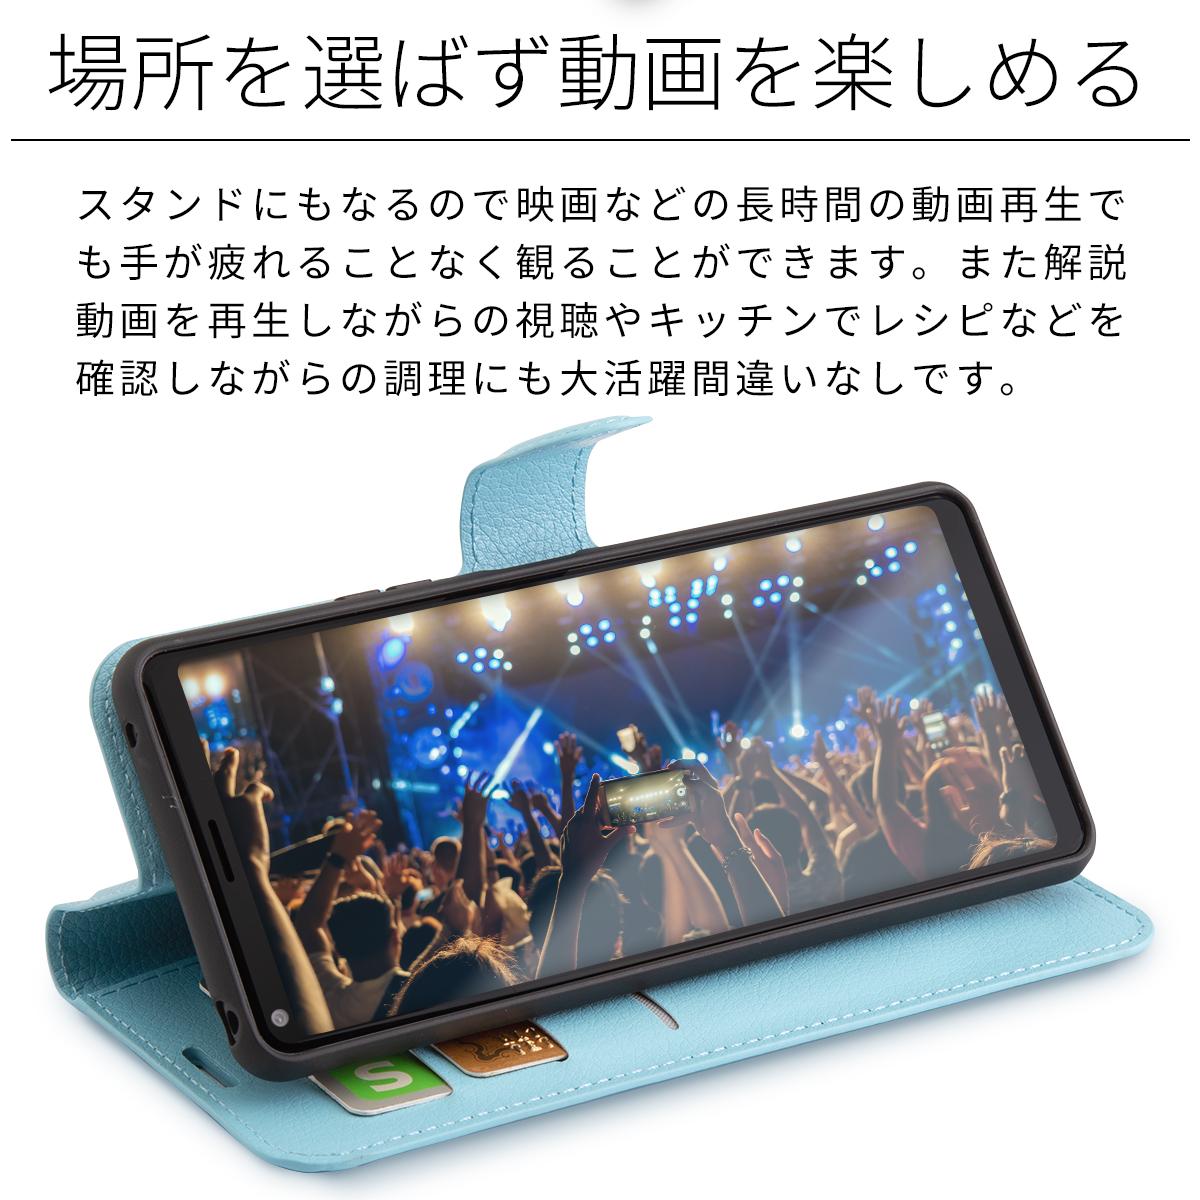 AQUOS sense4 SH-41A レザー手帳型ケース